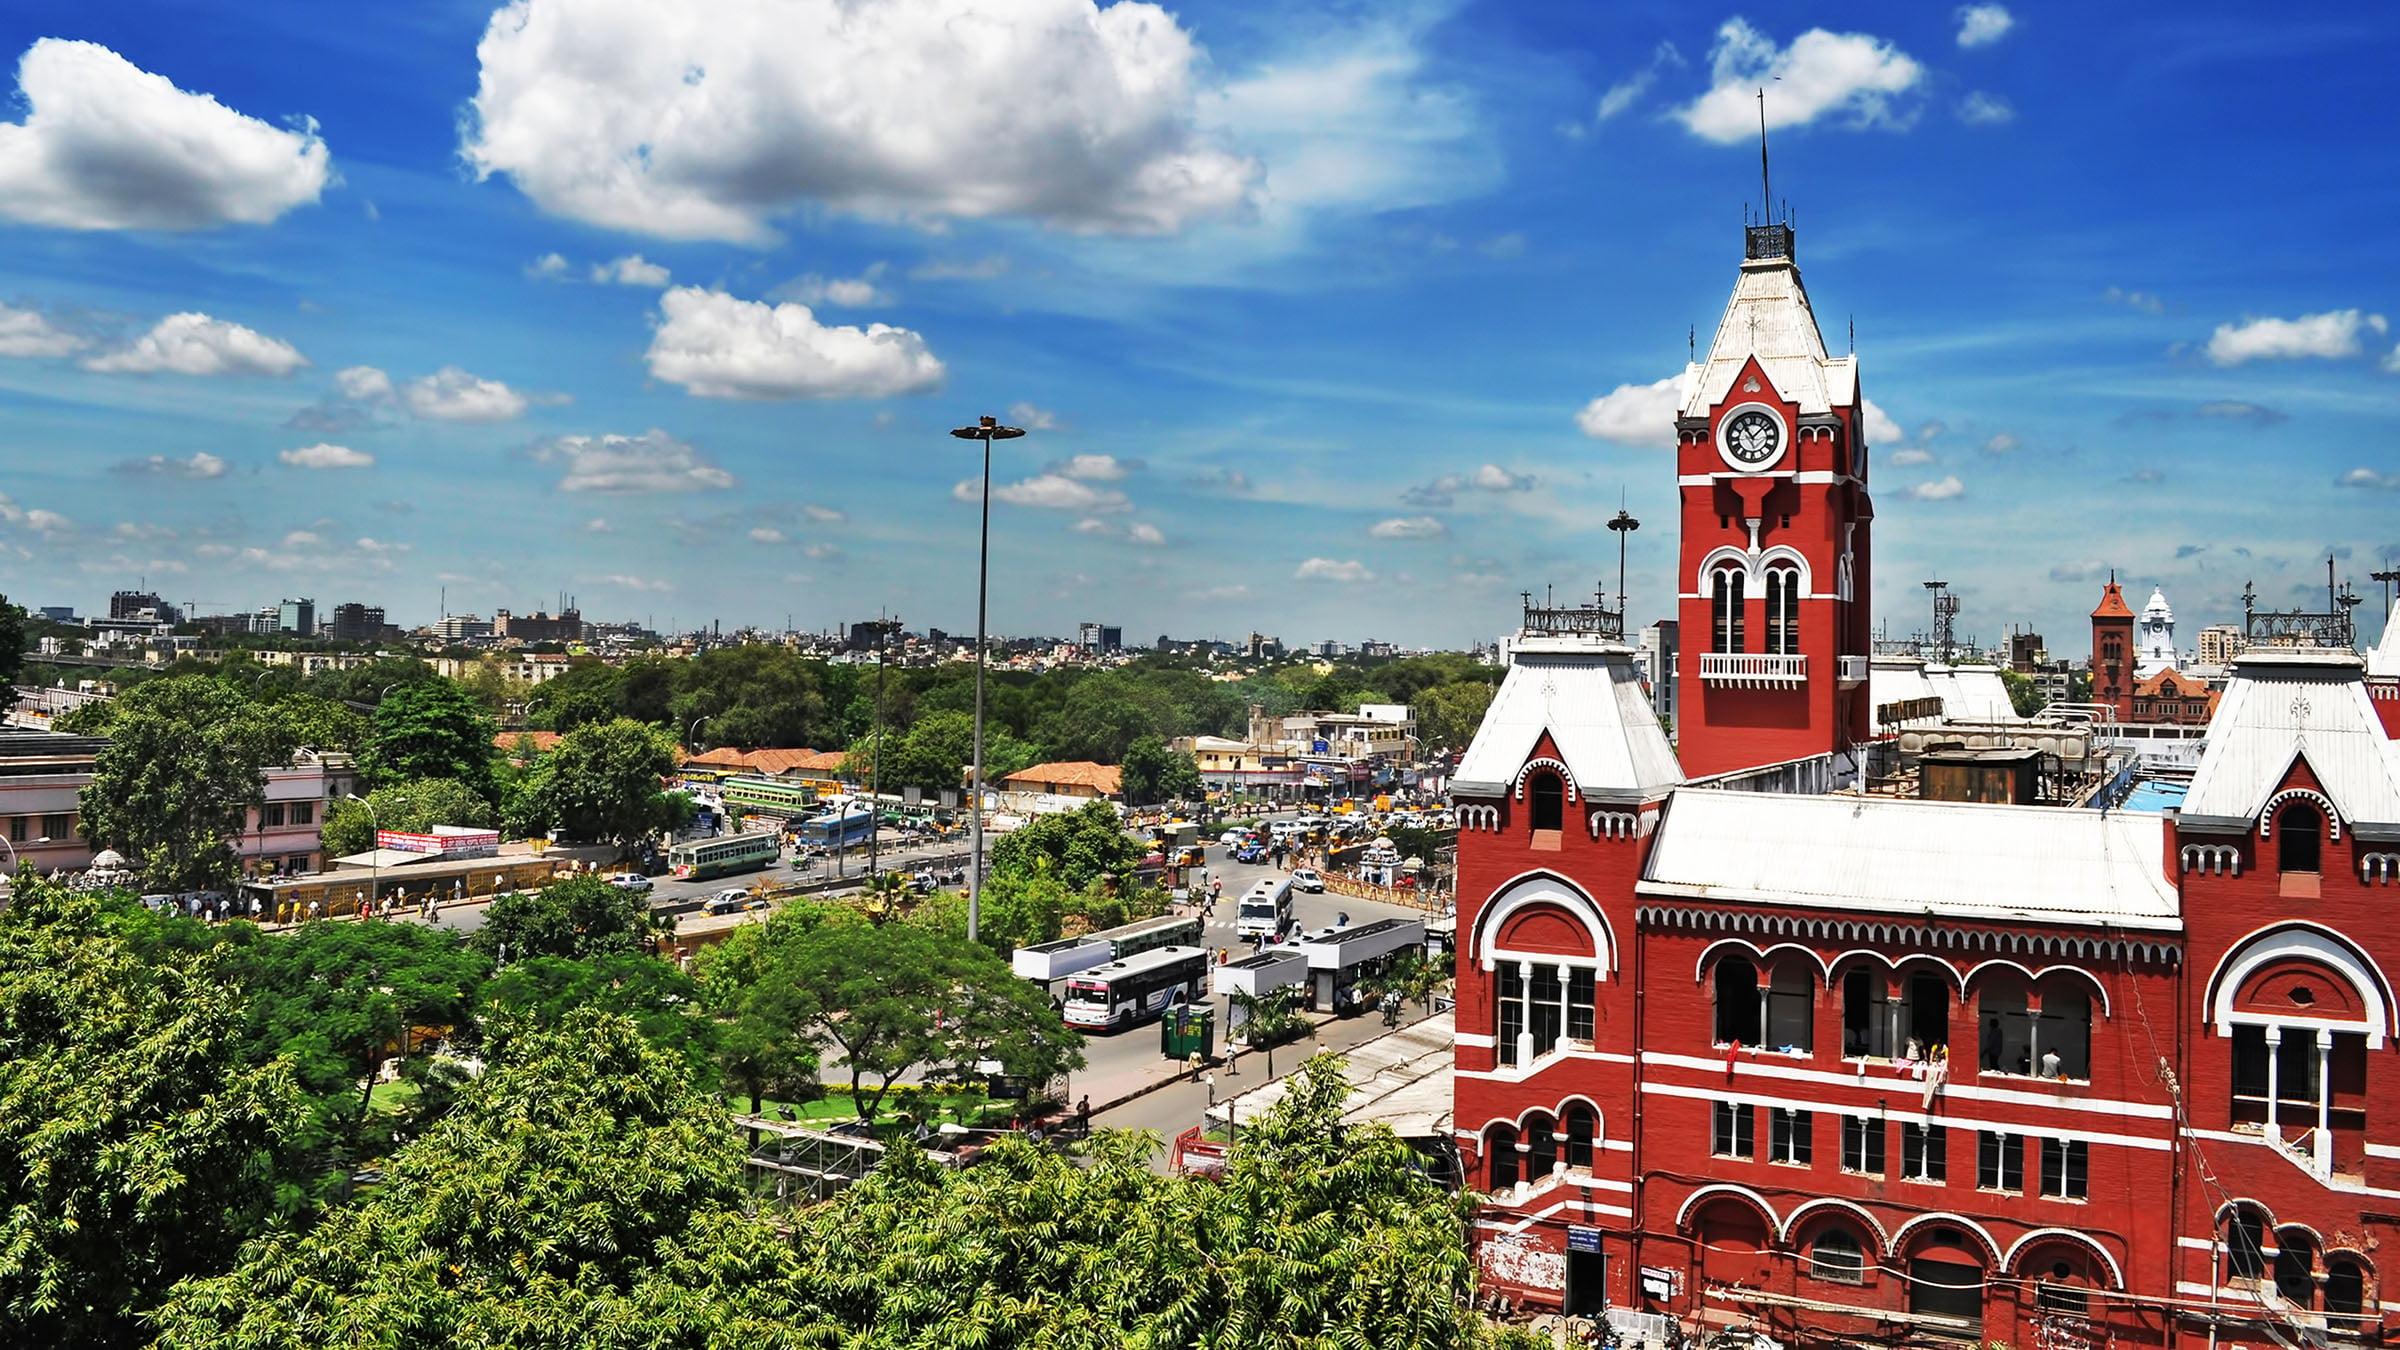 paisajes de la India los edificios de ferrocarril en Madras